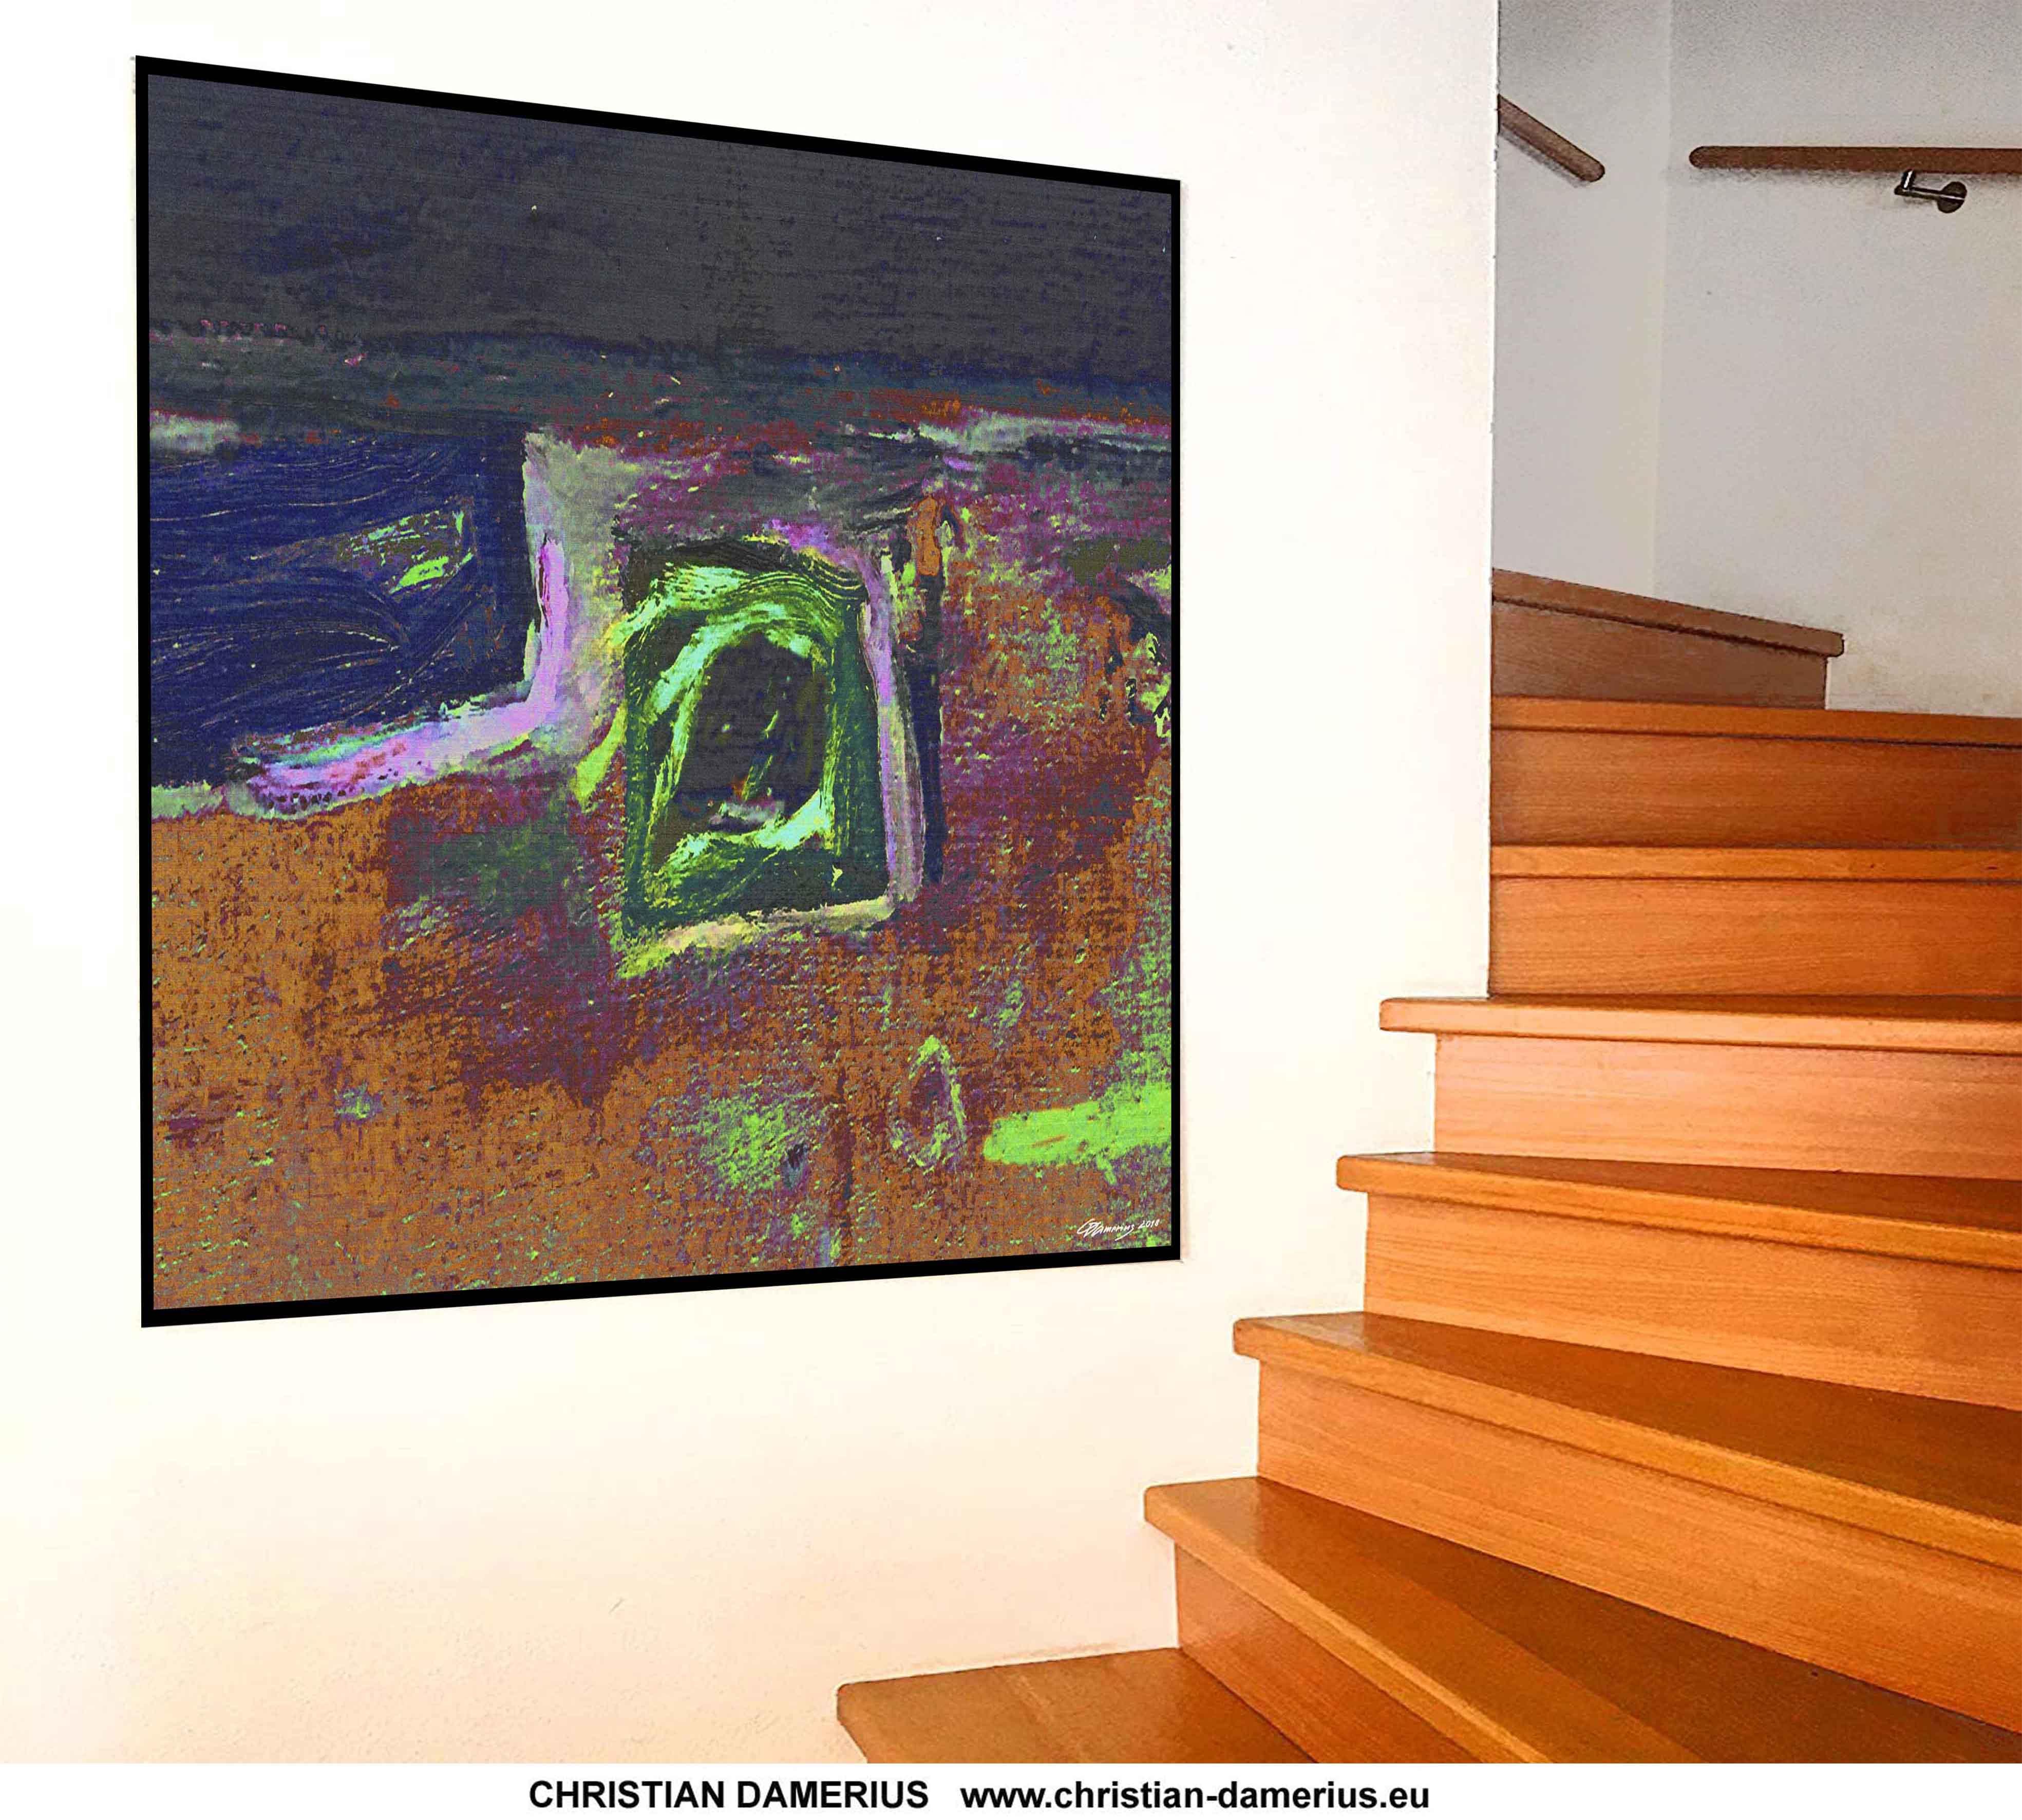 angebranntes toastbrot,brot,lebemsmittel kunstdrucke,farben,rot,blau,grün,blauviolett,gelb,grau,gerahmte kunstdrucke,online kaufen,moderne kunstdrucke kaufen,kunstdrucke gemälde